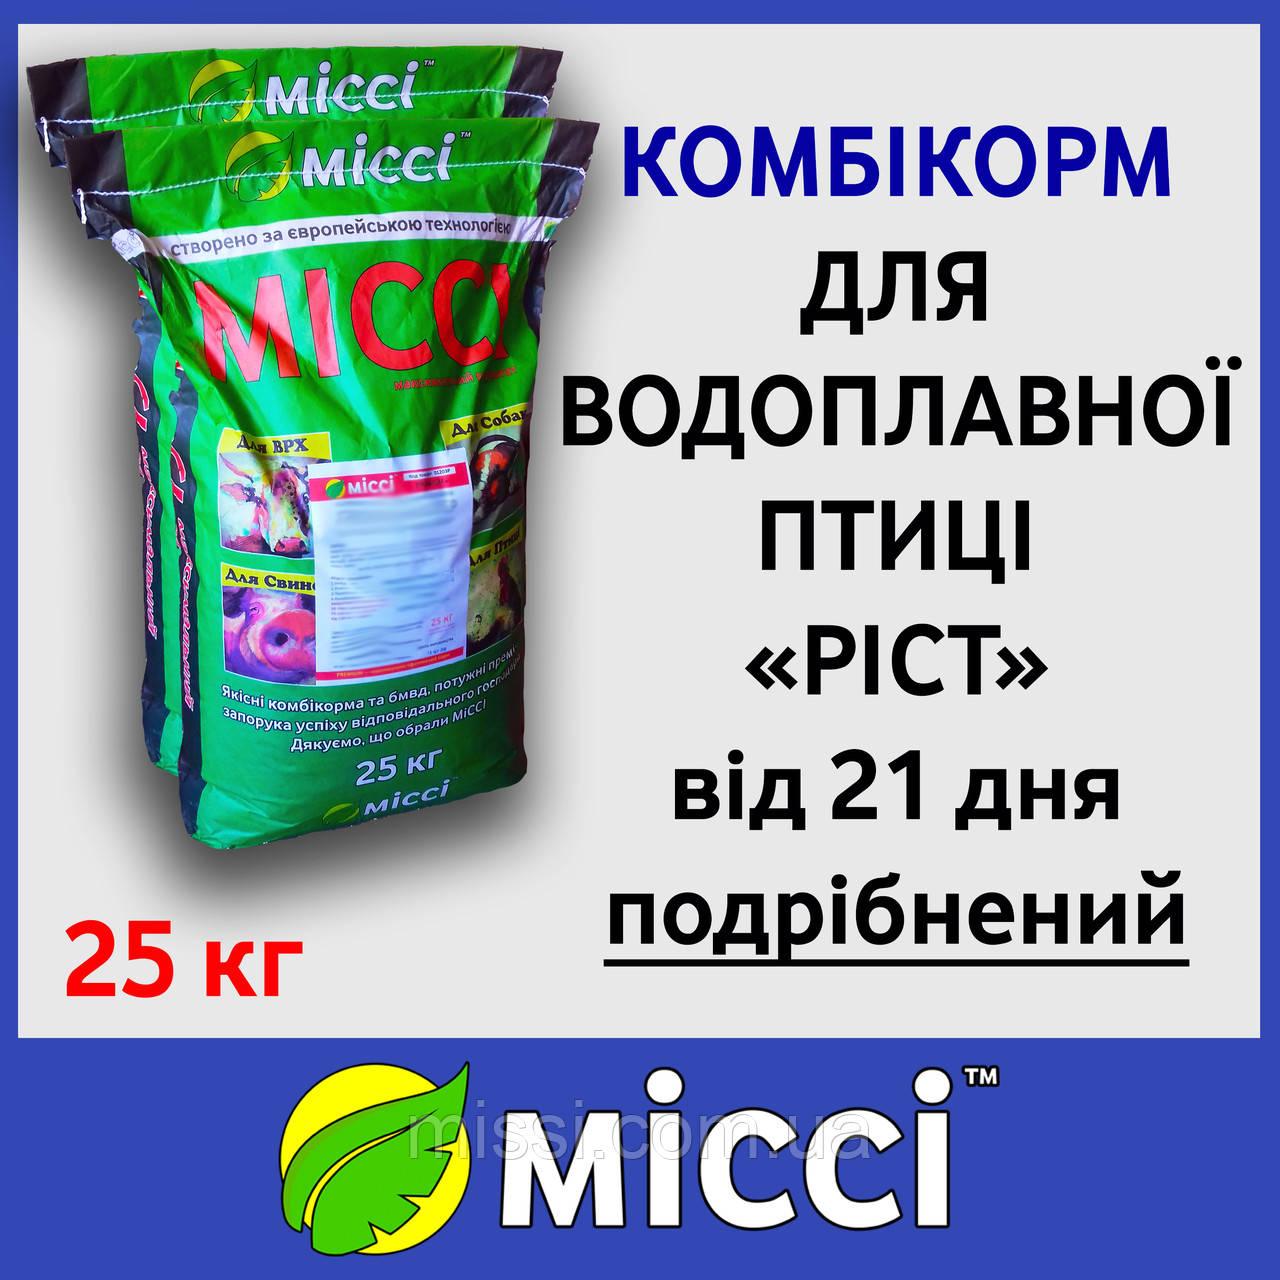 Комбікорм для водоплавної птиці РІСТ (від 21 дня), 25 кг, Міссі